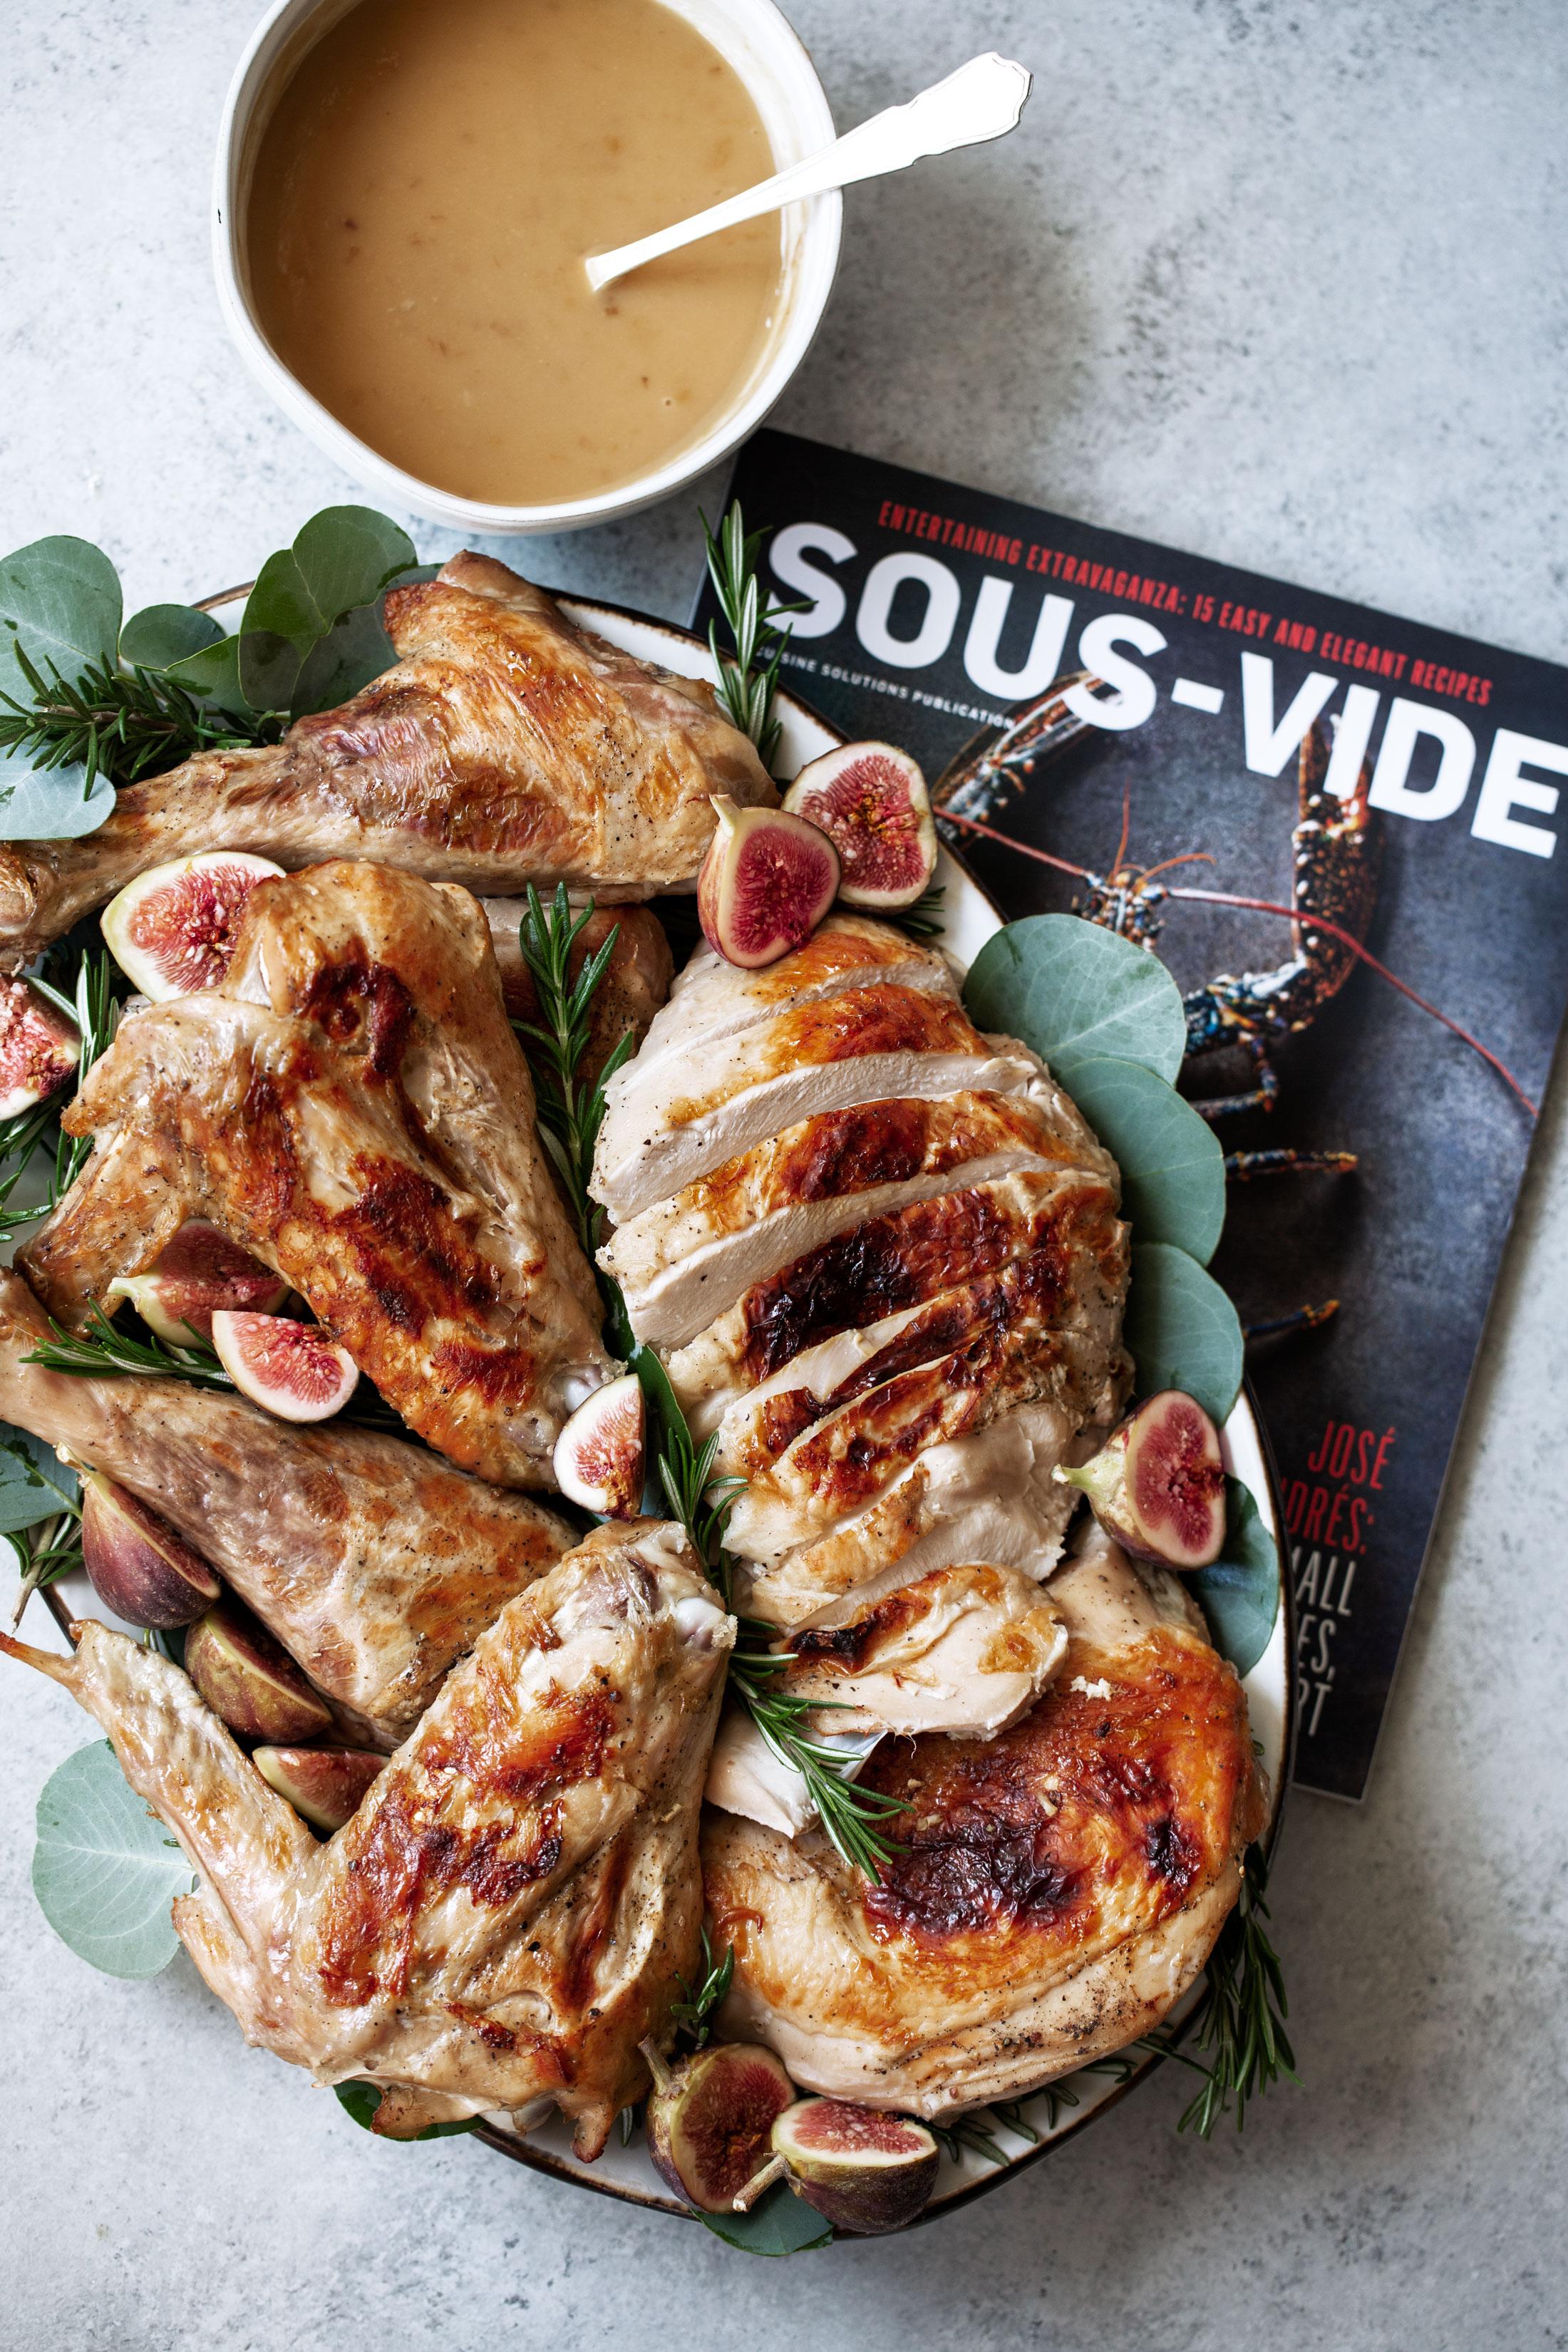 Lemon Rosemary Sous-Vide Turkey with White Wine Gravy recipe from sous-vide magazine